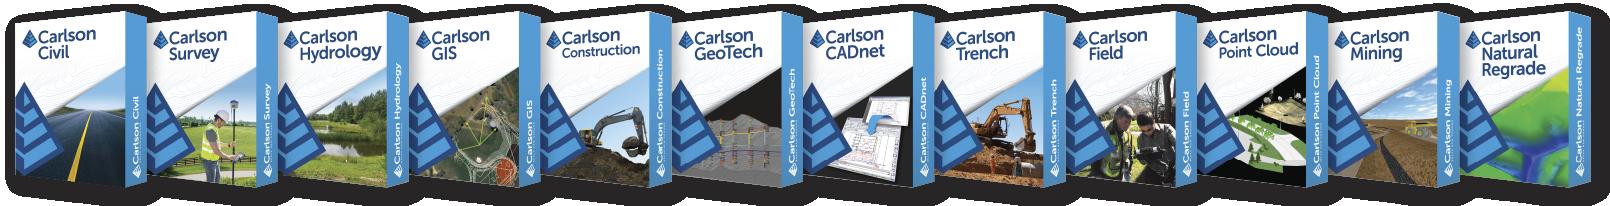 Carlson-Box-iconLine-2018-LG.png